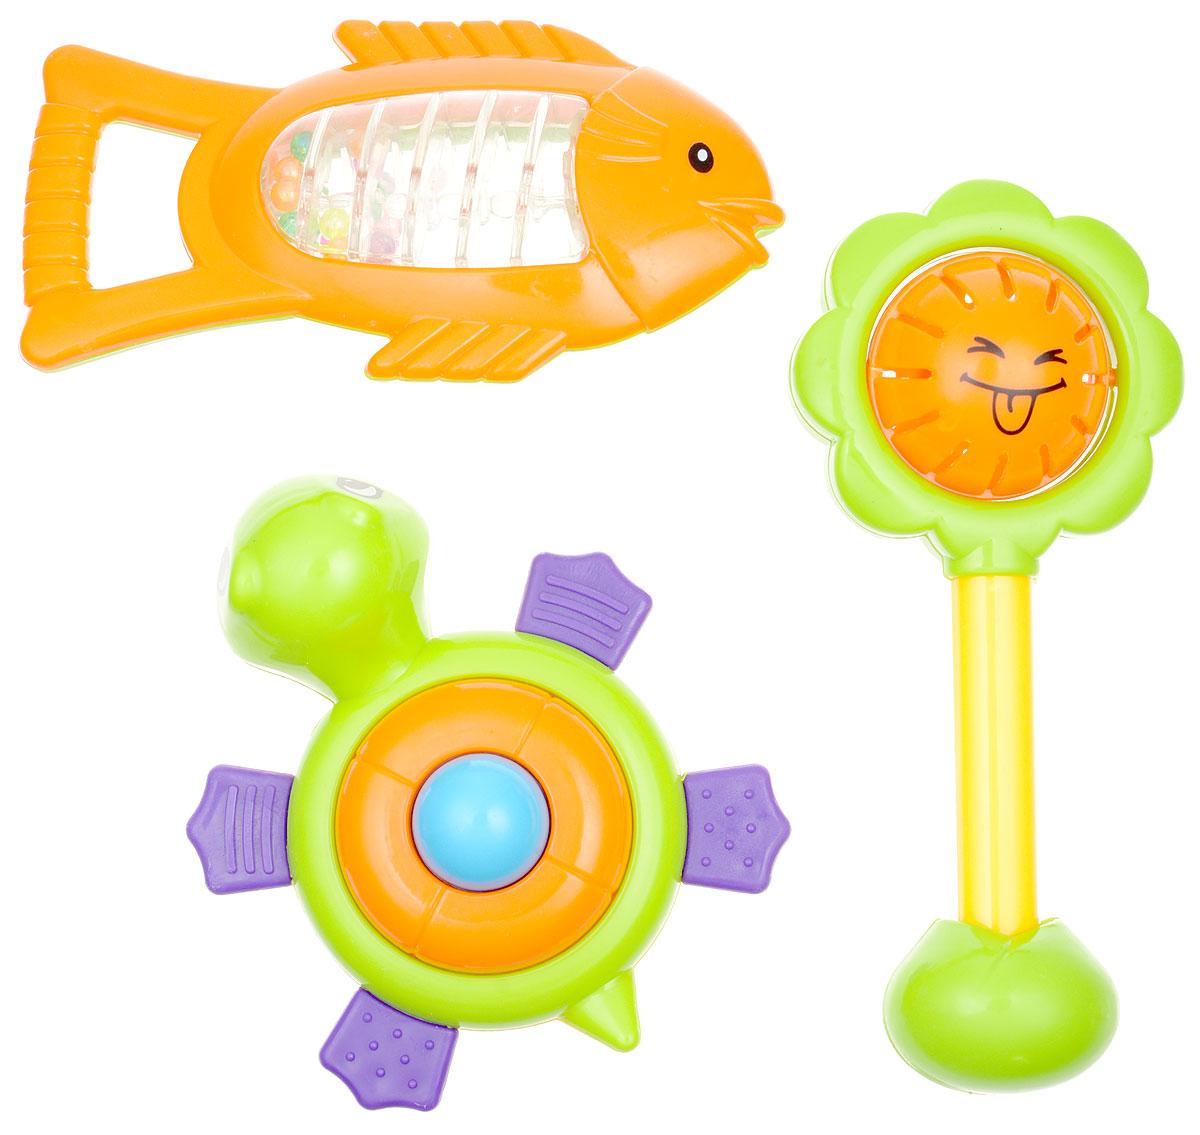 Mioshi Игровой набор Первая игрушка Солнышко Рыбка Черепашка цвет салатовый оранжевыйTY9046Яркие, звонкие, приятные на ощупь погремушки Mioshi Первая игрушка в форме солнышка, рыбки и черепашки станут любимыми игрушками вашей крохи. Игрушки помогают развивать мелкую моторику, восприятие формы и цвета предметов, а также слух и зрение. Игрушки Mioshi созданы специально для малышей, которые только начинают познавать этот волшебный мир. Дети в раннем возрасте всегда очень любознательны, они тщательно исследуют всё, что попадает им в руки. Заботясь о здоровье и безопасности малышей, Mioshi выпускает только качественную продукцию, которая прошла сертификацию.